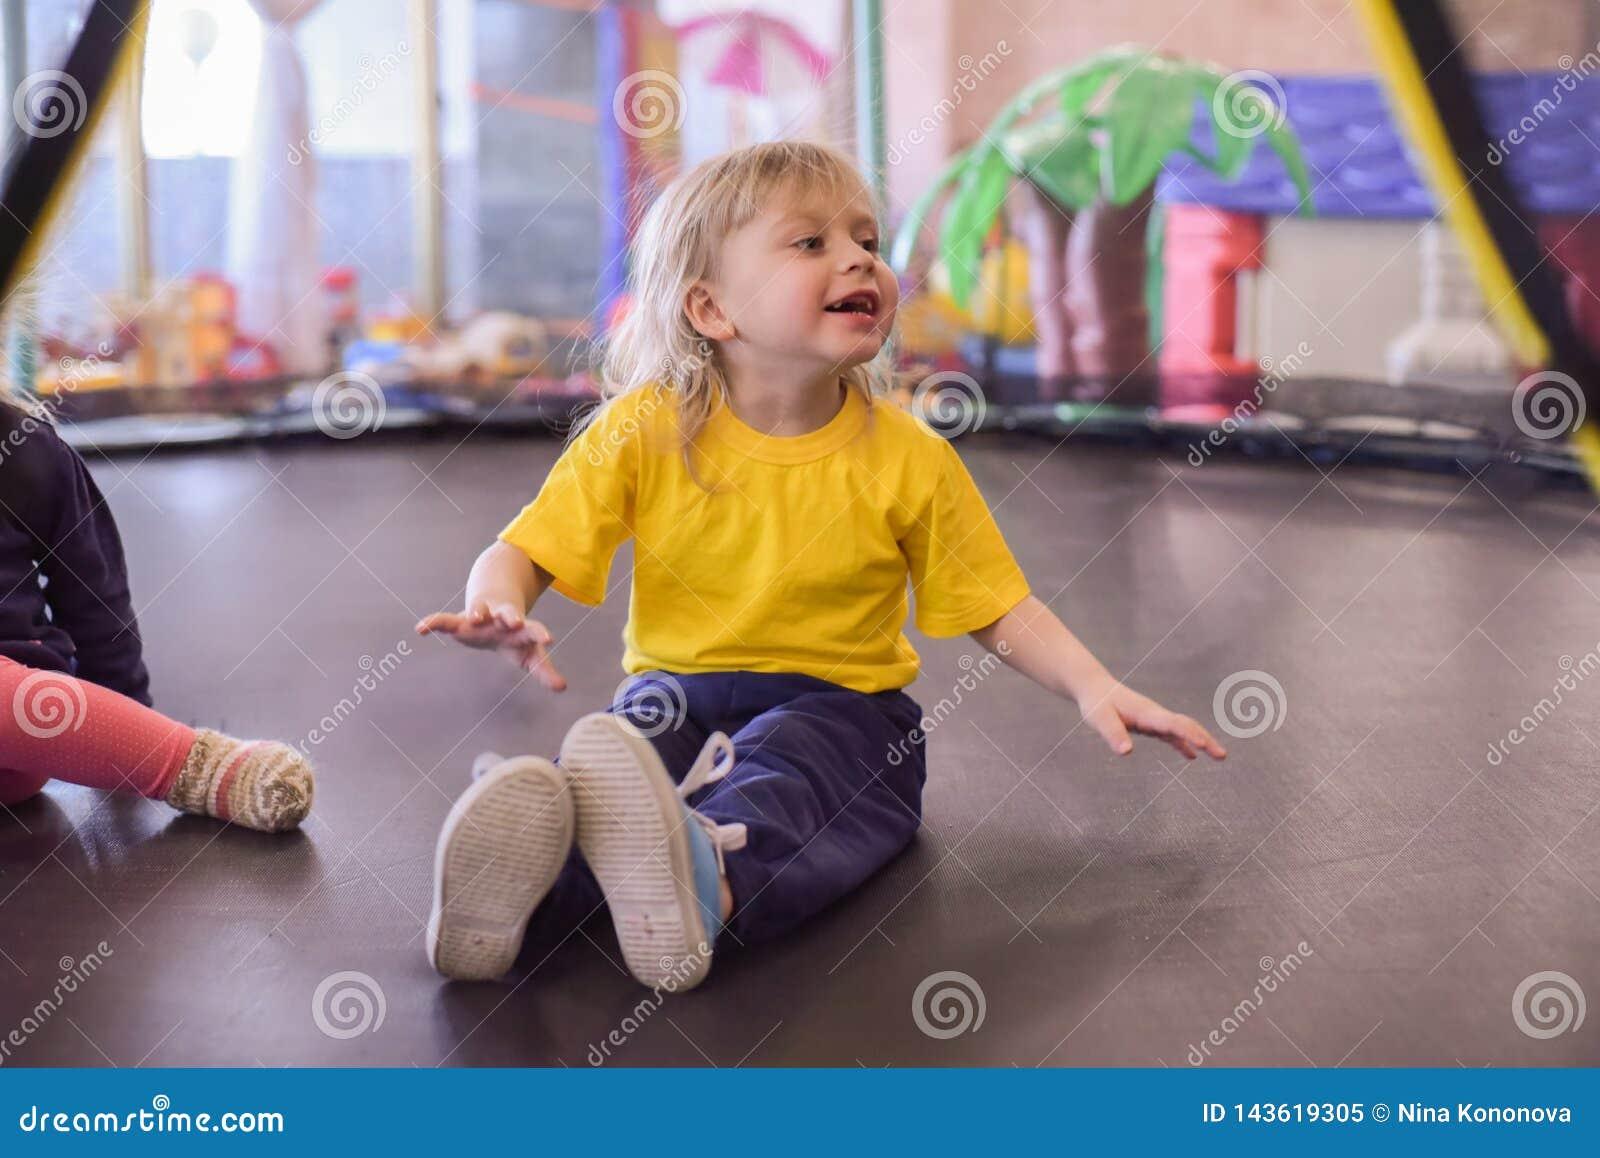 Porträt eines blonden Jungen in einem gelben T-Shirt Das Kinderlächeln und -spiele im Spielzimmer der Kinder Das Kind springt auf